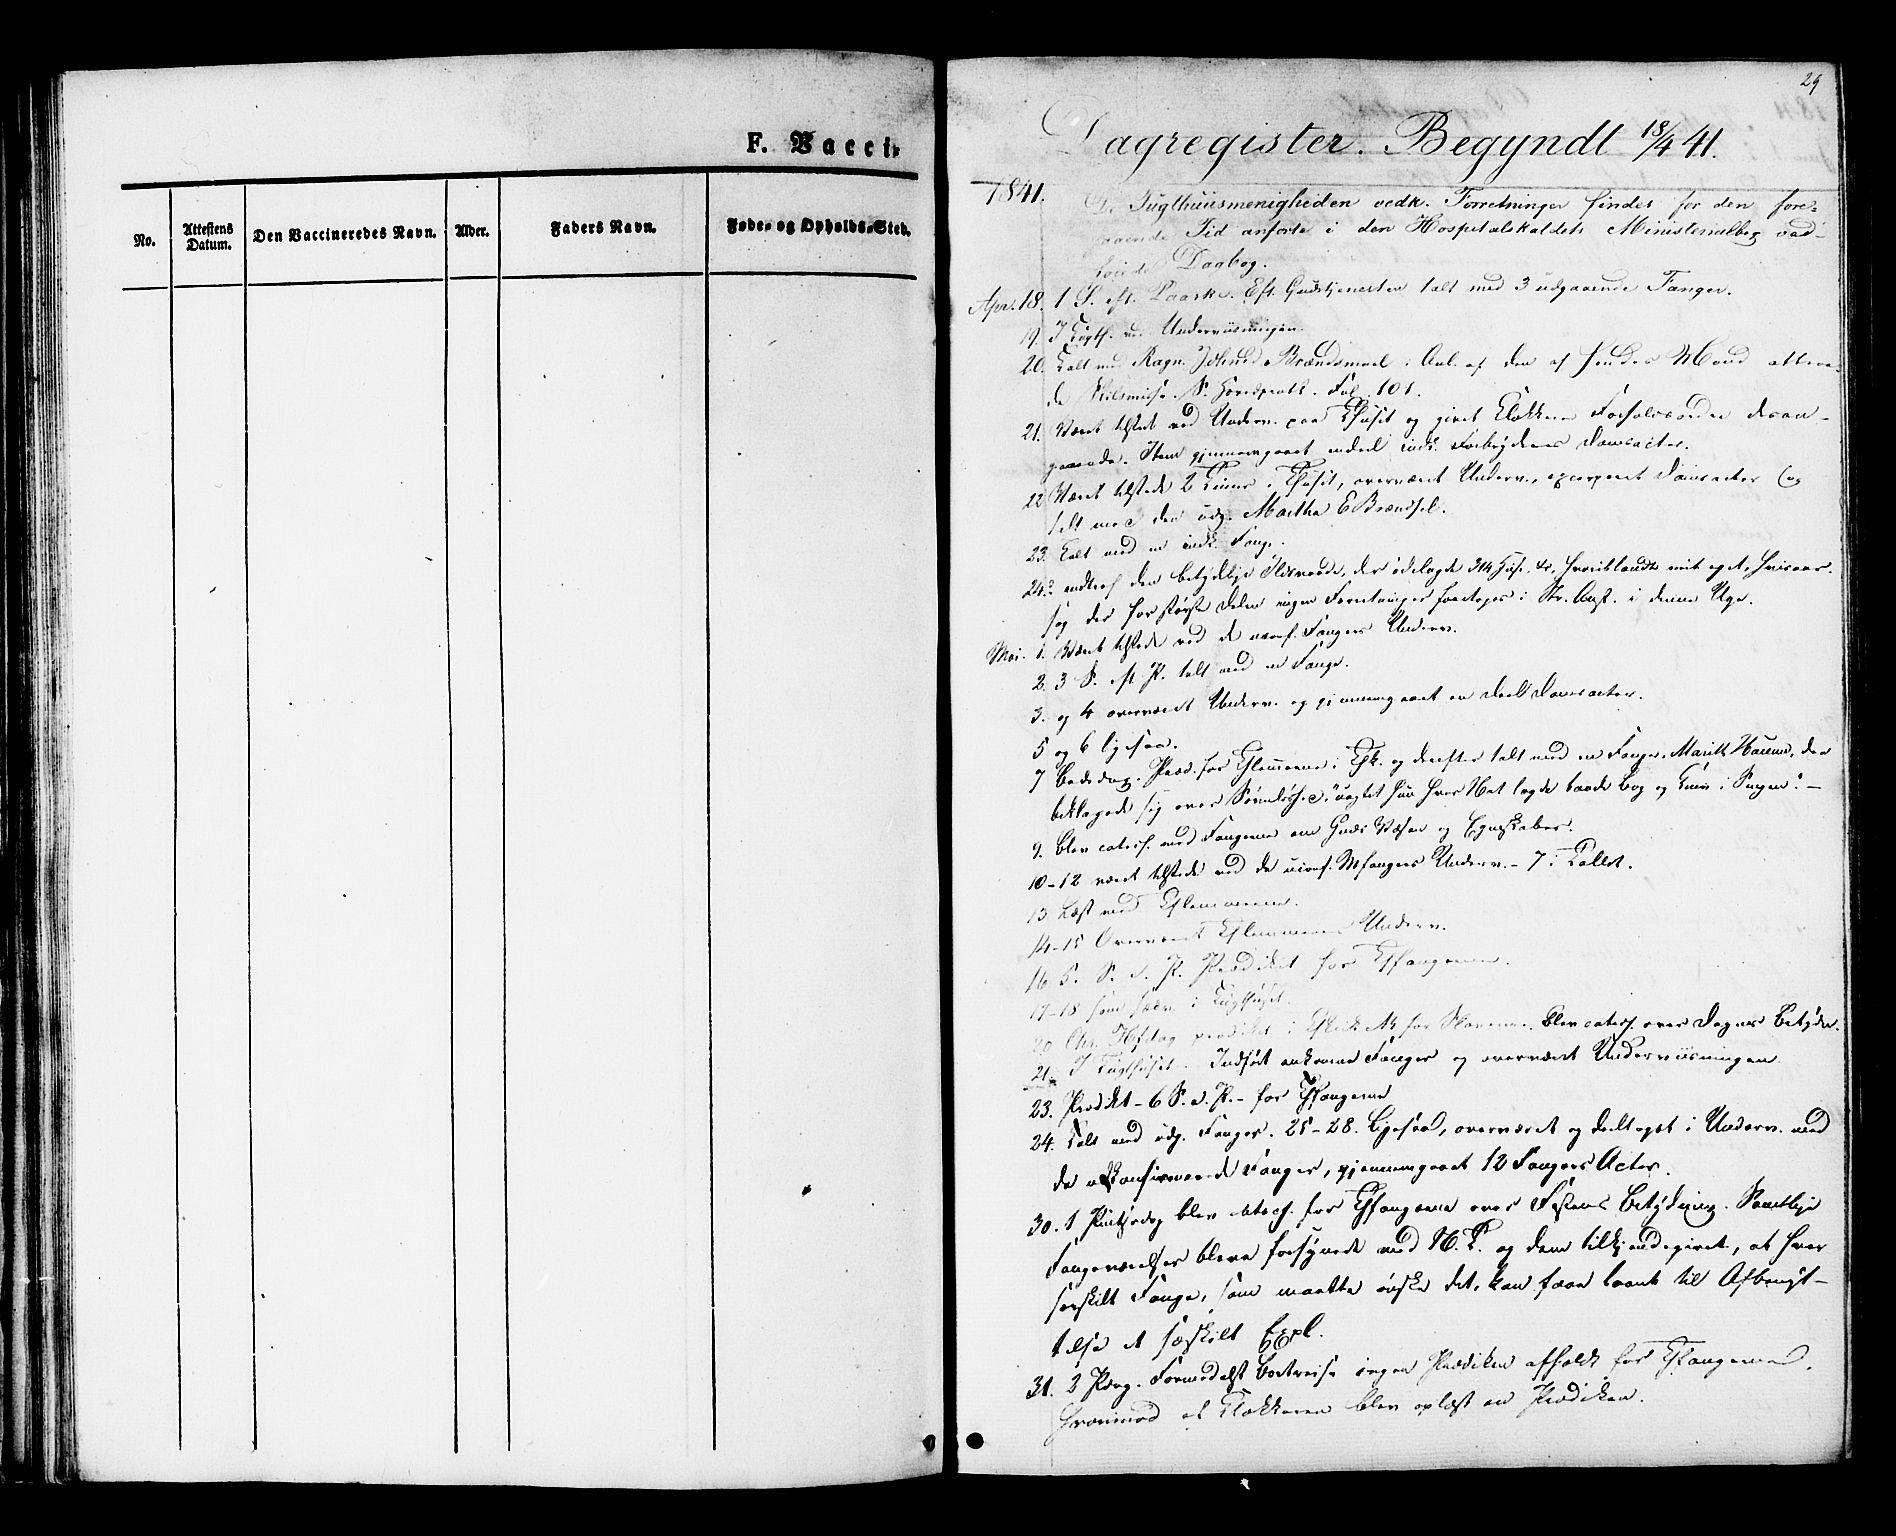 SAT, Ministerialprotokoller, klokkerbøker og fødselsregistre - Sør-Trøndelag, 624/L0480: Ministerialbok nr. 624A01, 1841-1864, s. 29